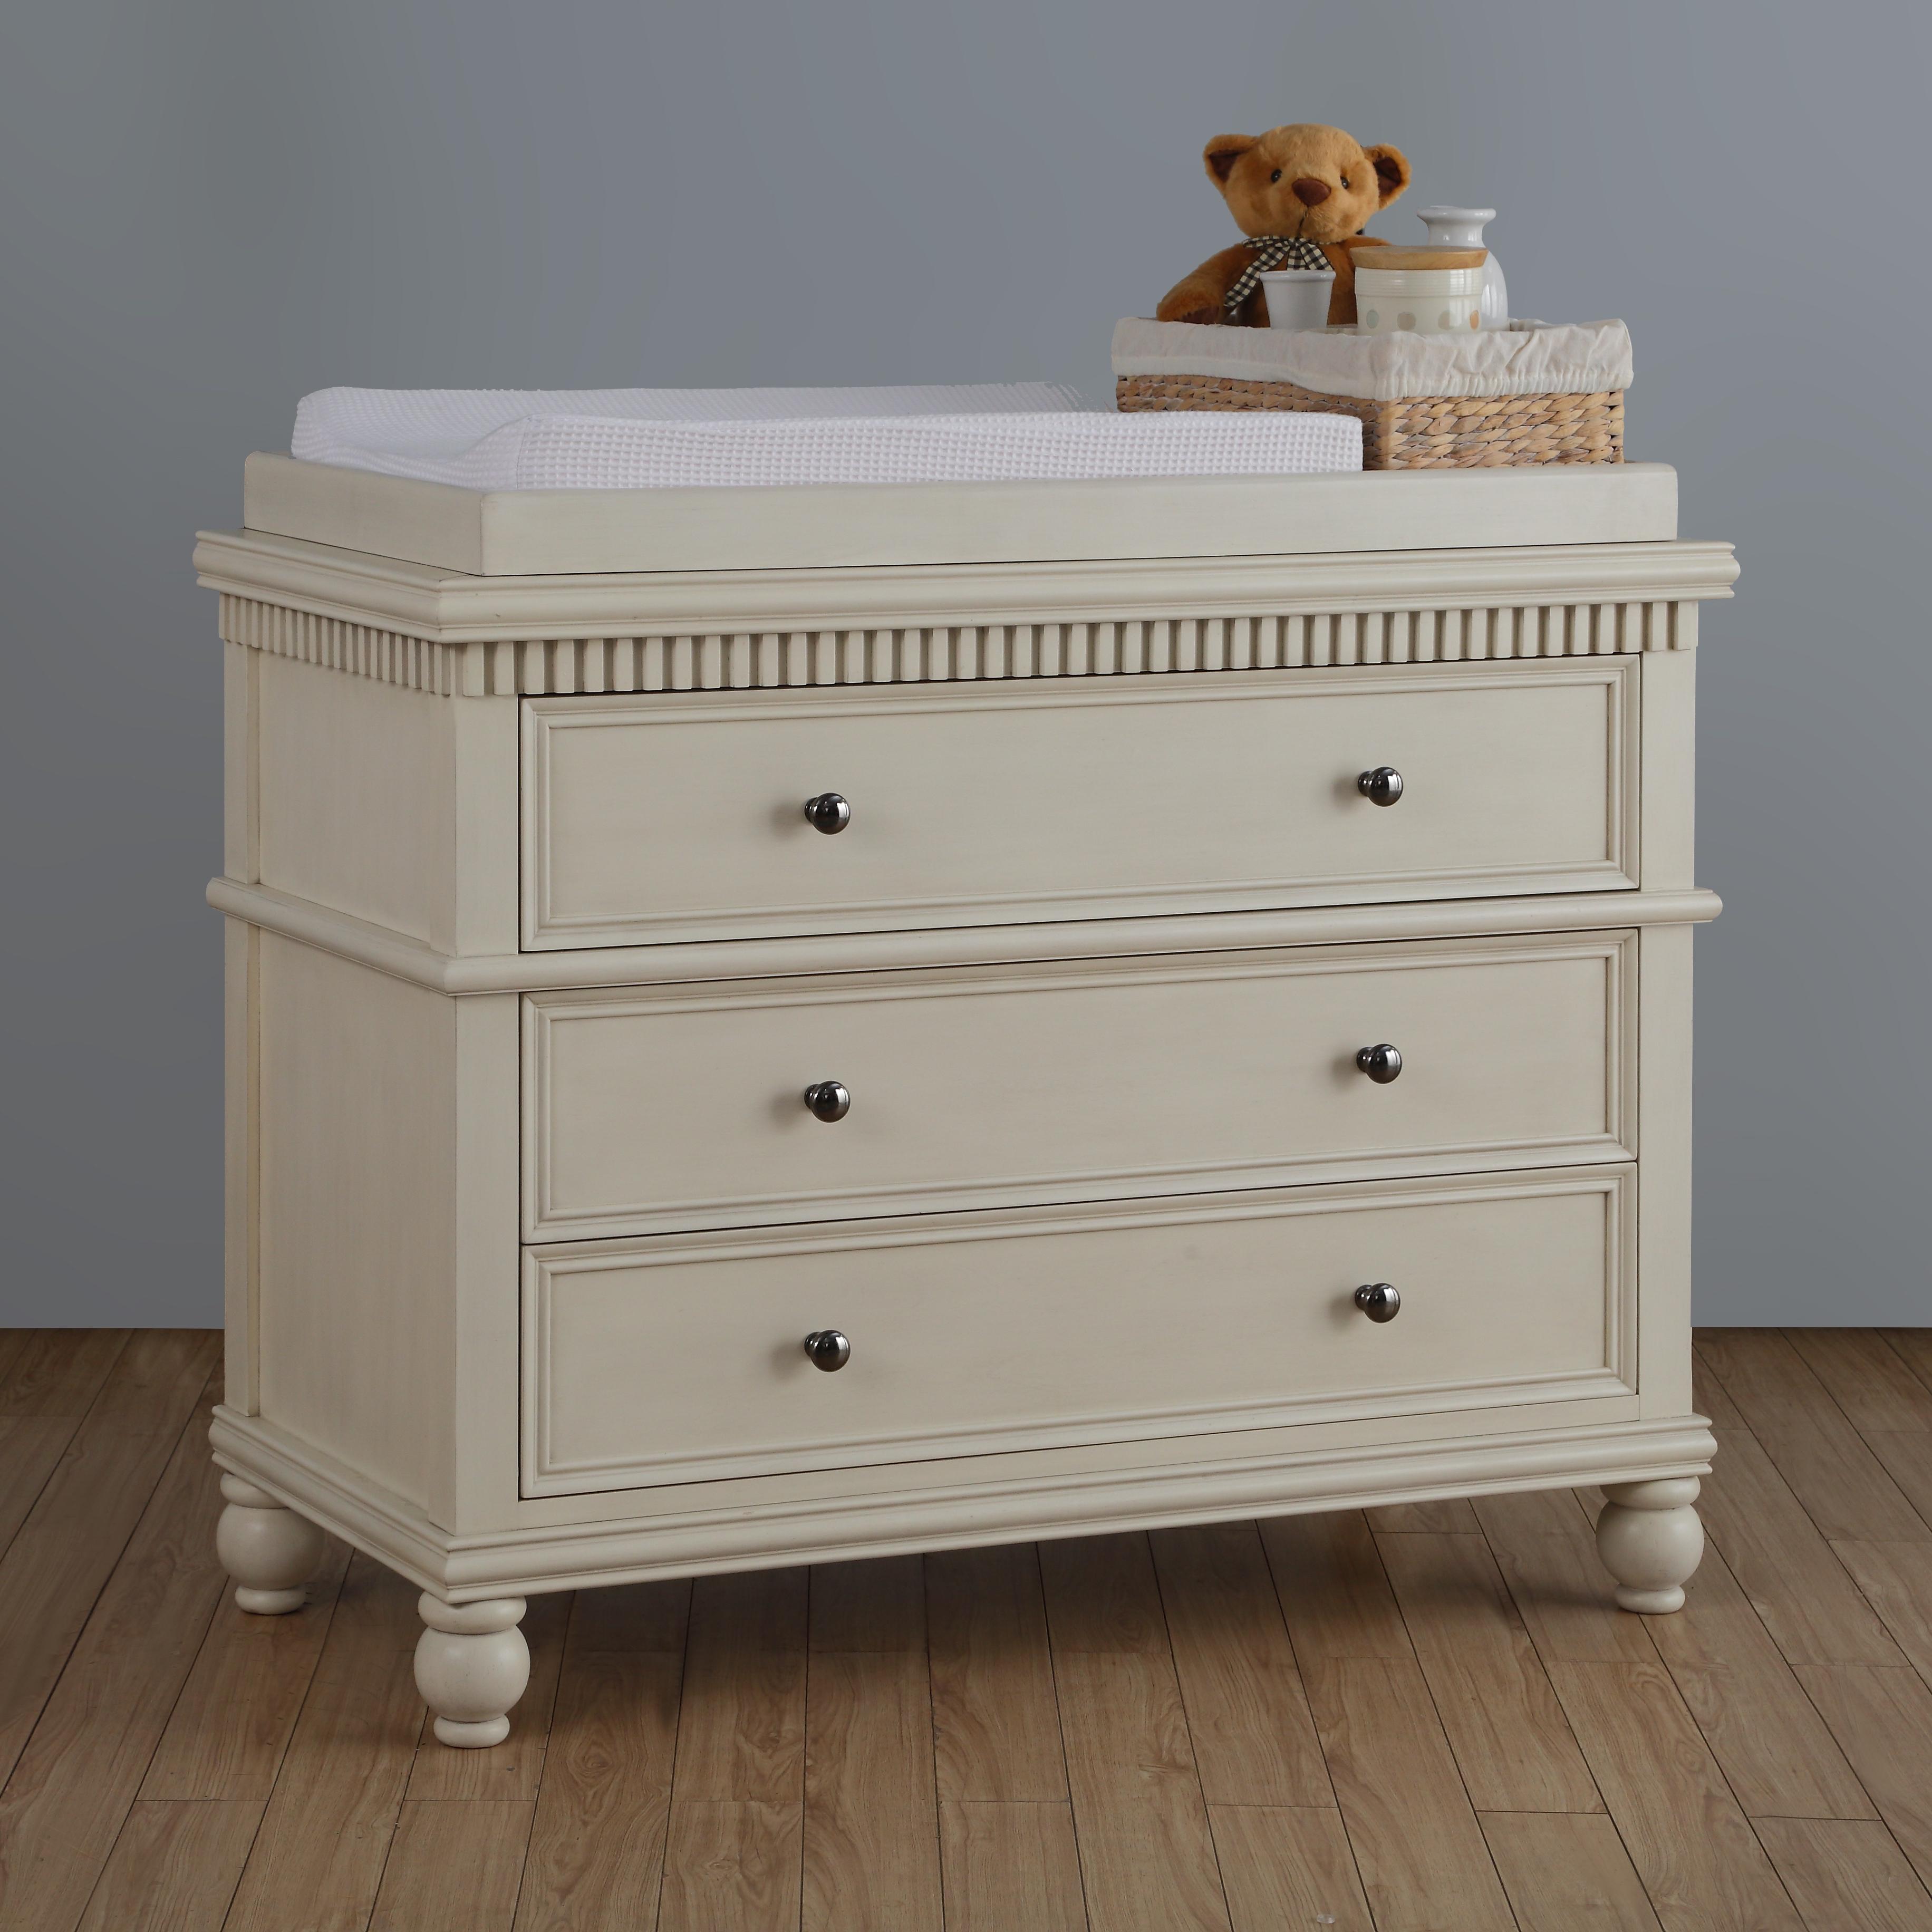 TeddyOne - Argyll Dresser